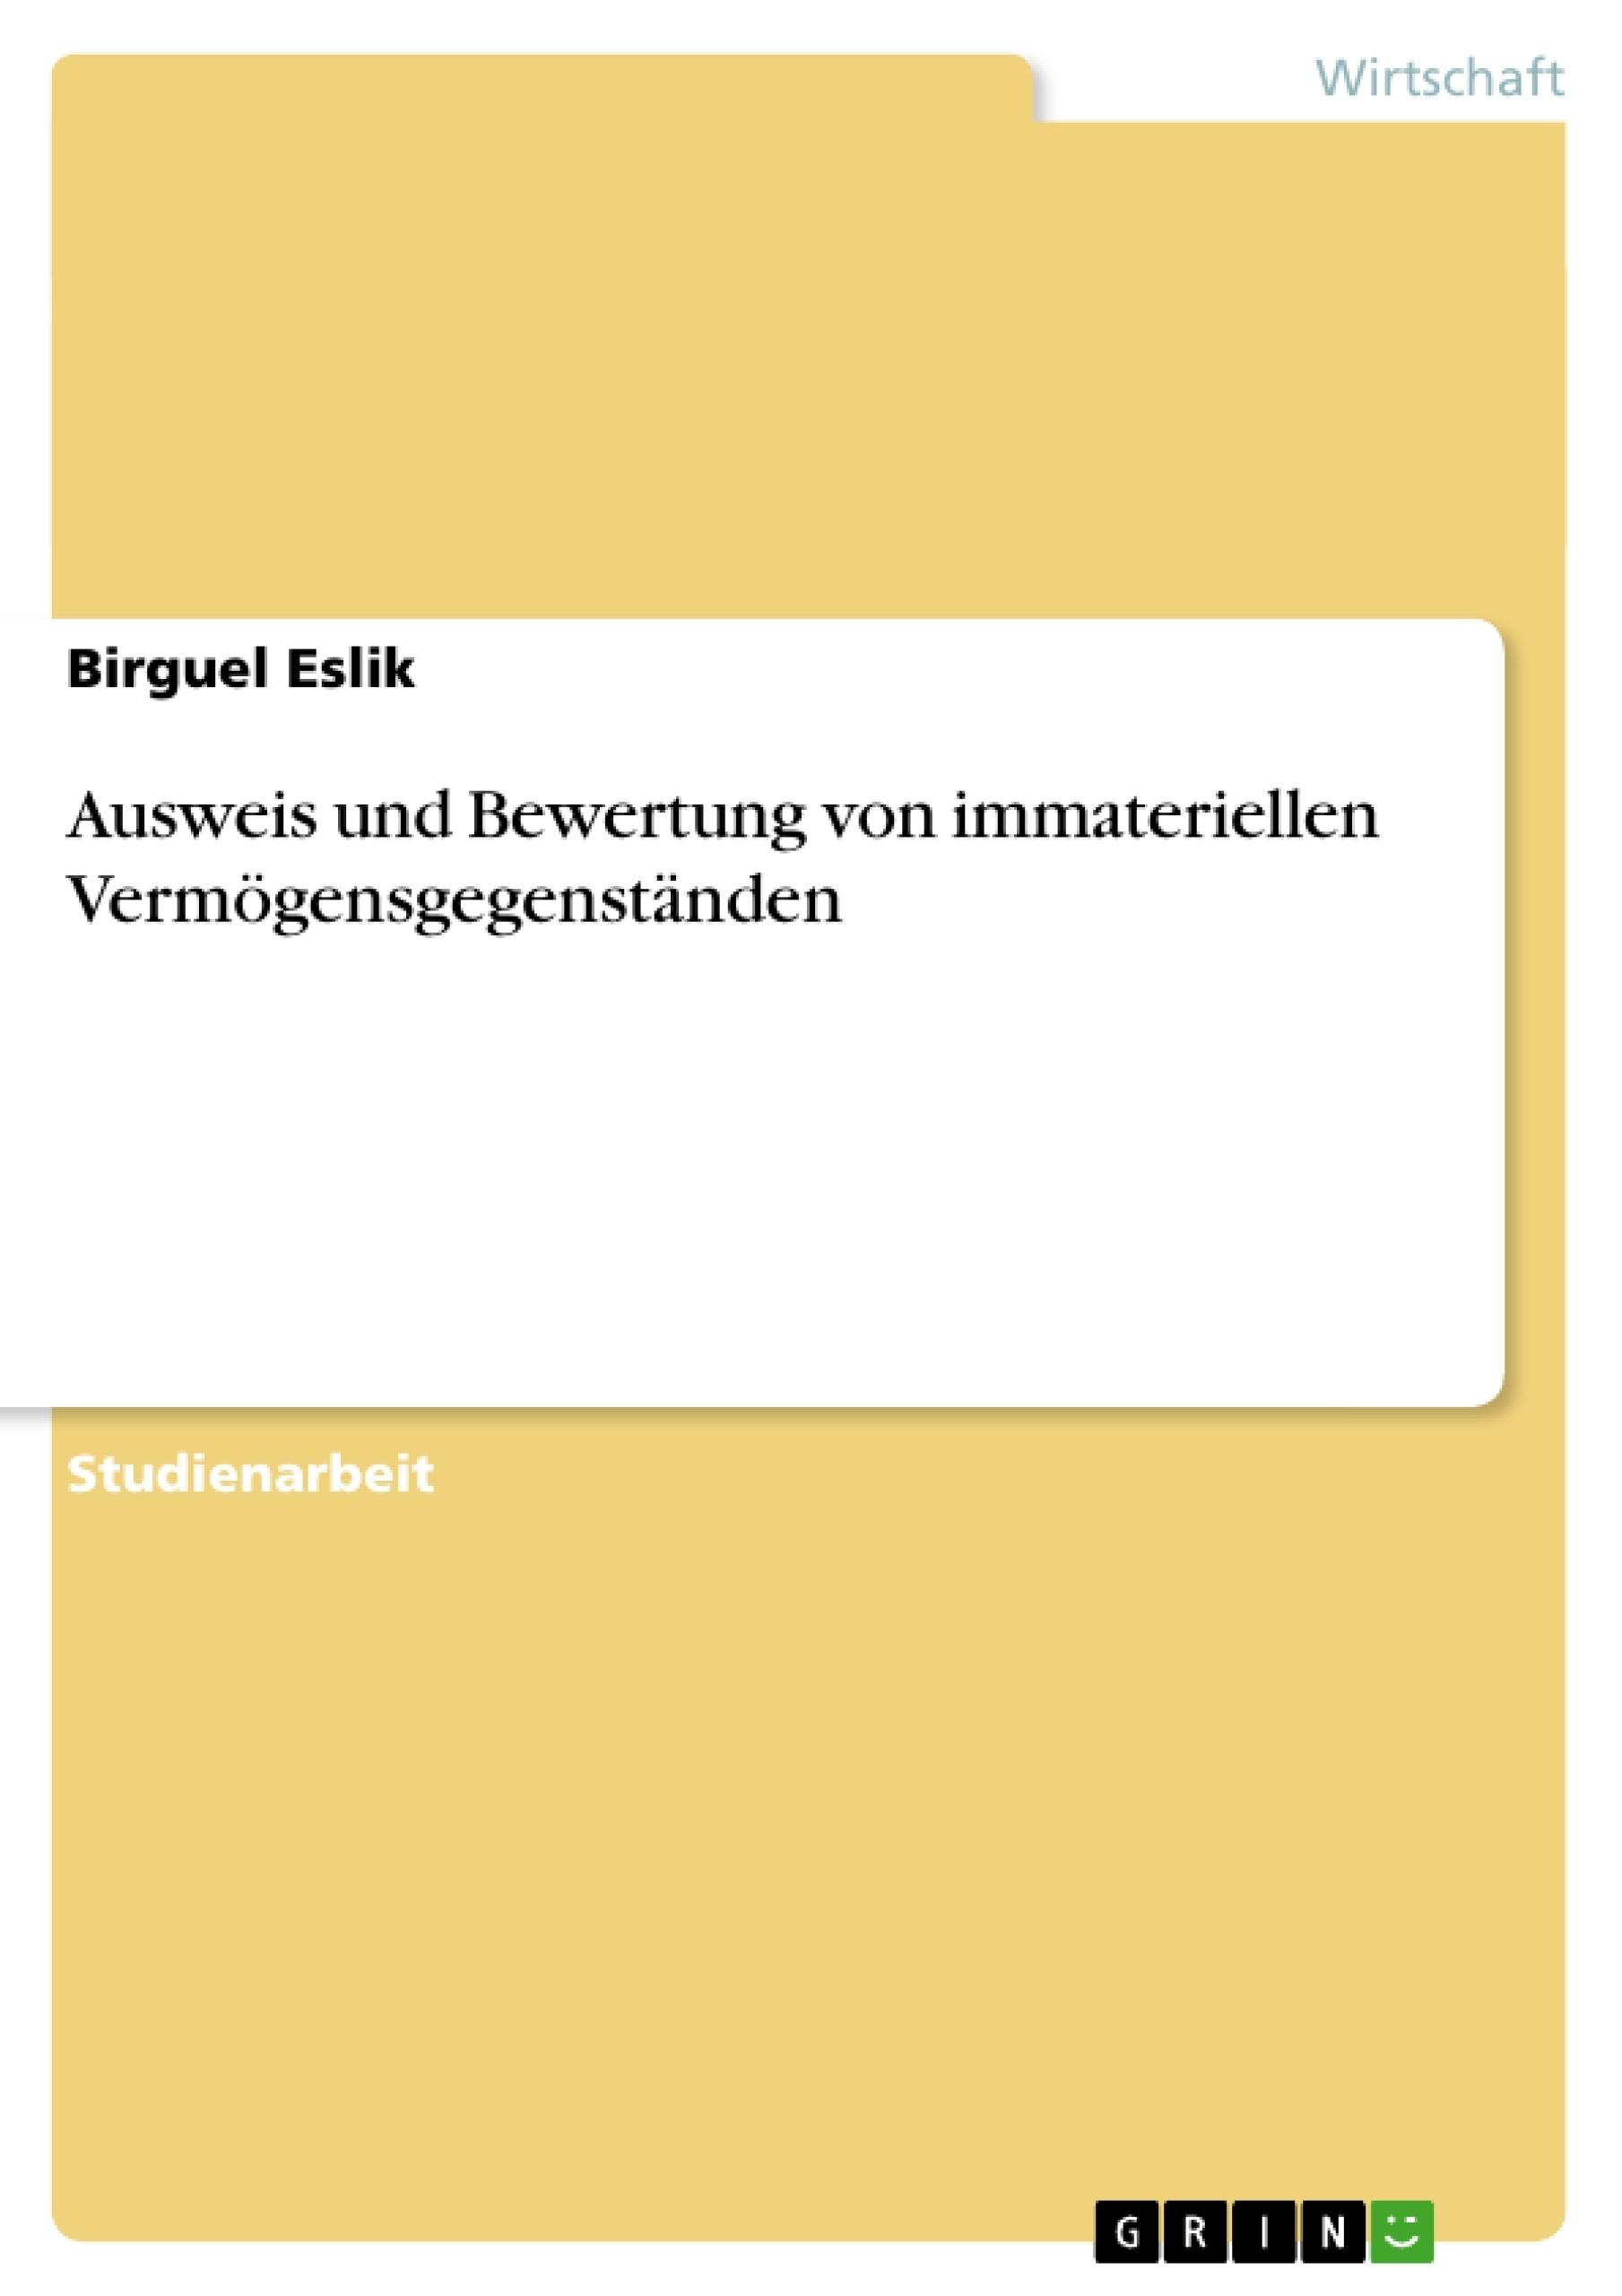 Titel: Ausweis und Bewertung von immateriellen Vermögensgegenständen